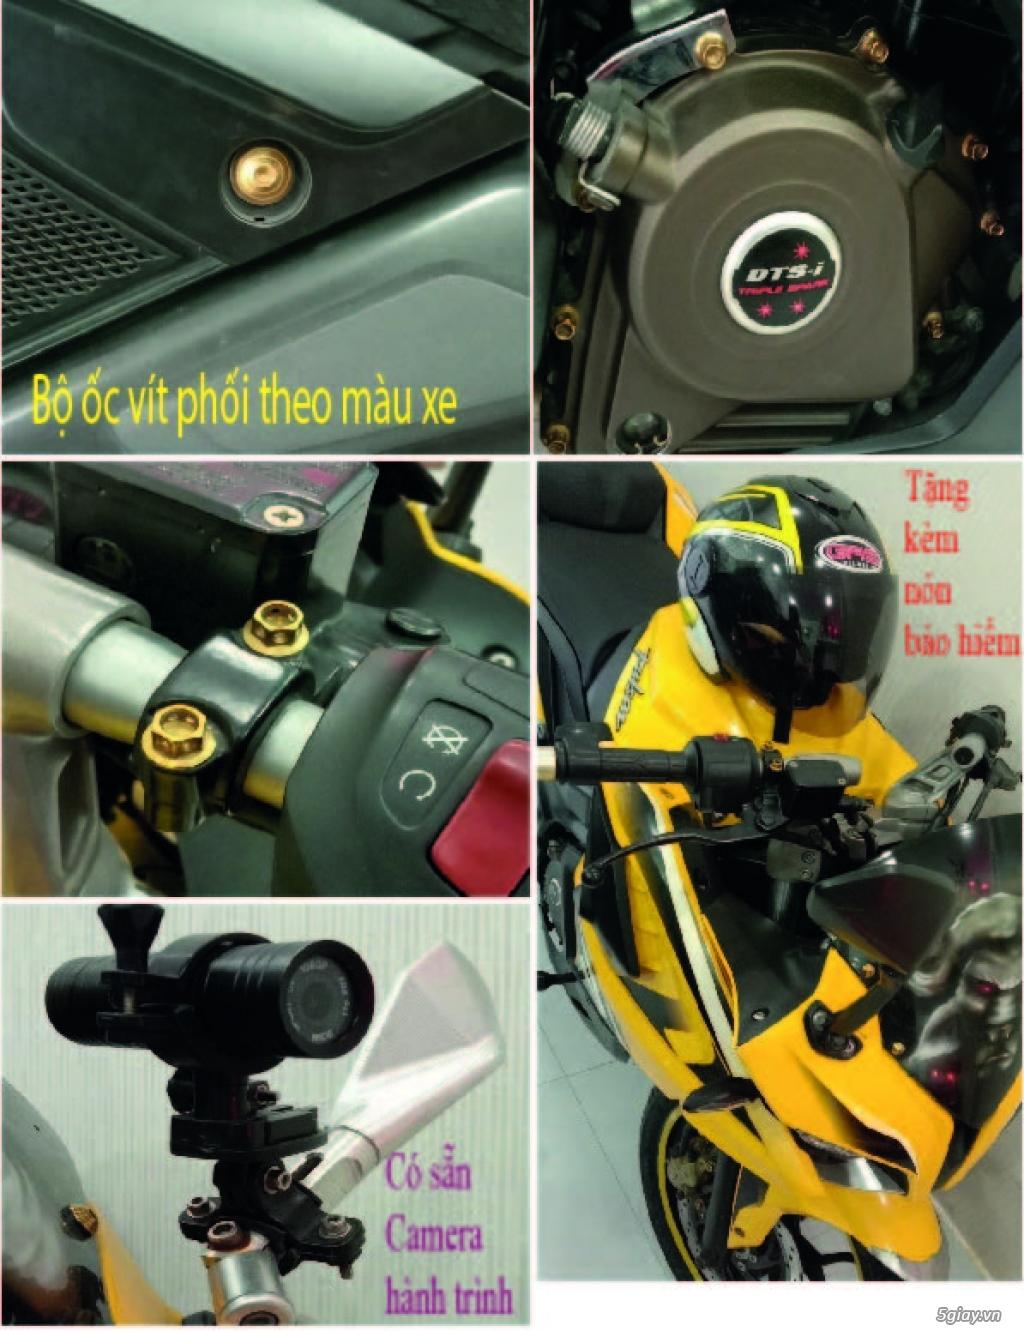 cần bán : xe môtô Pulsar RS200 màu vàng - như mới - 5